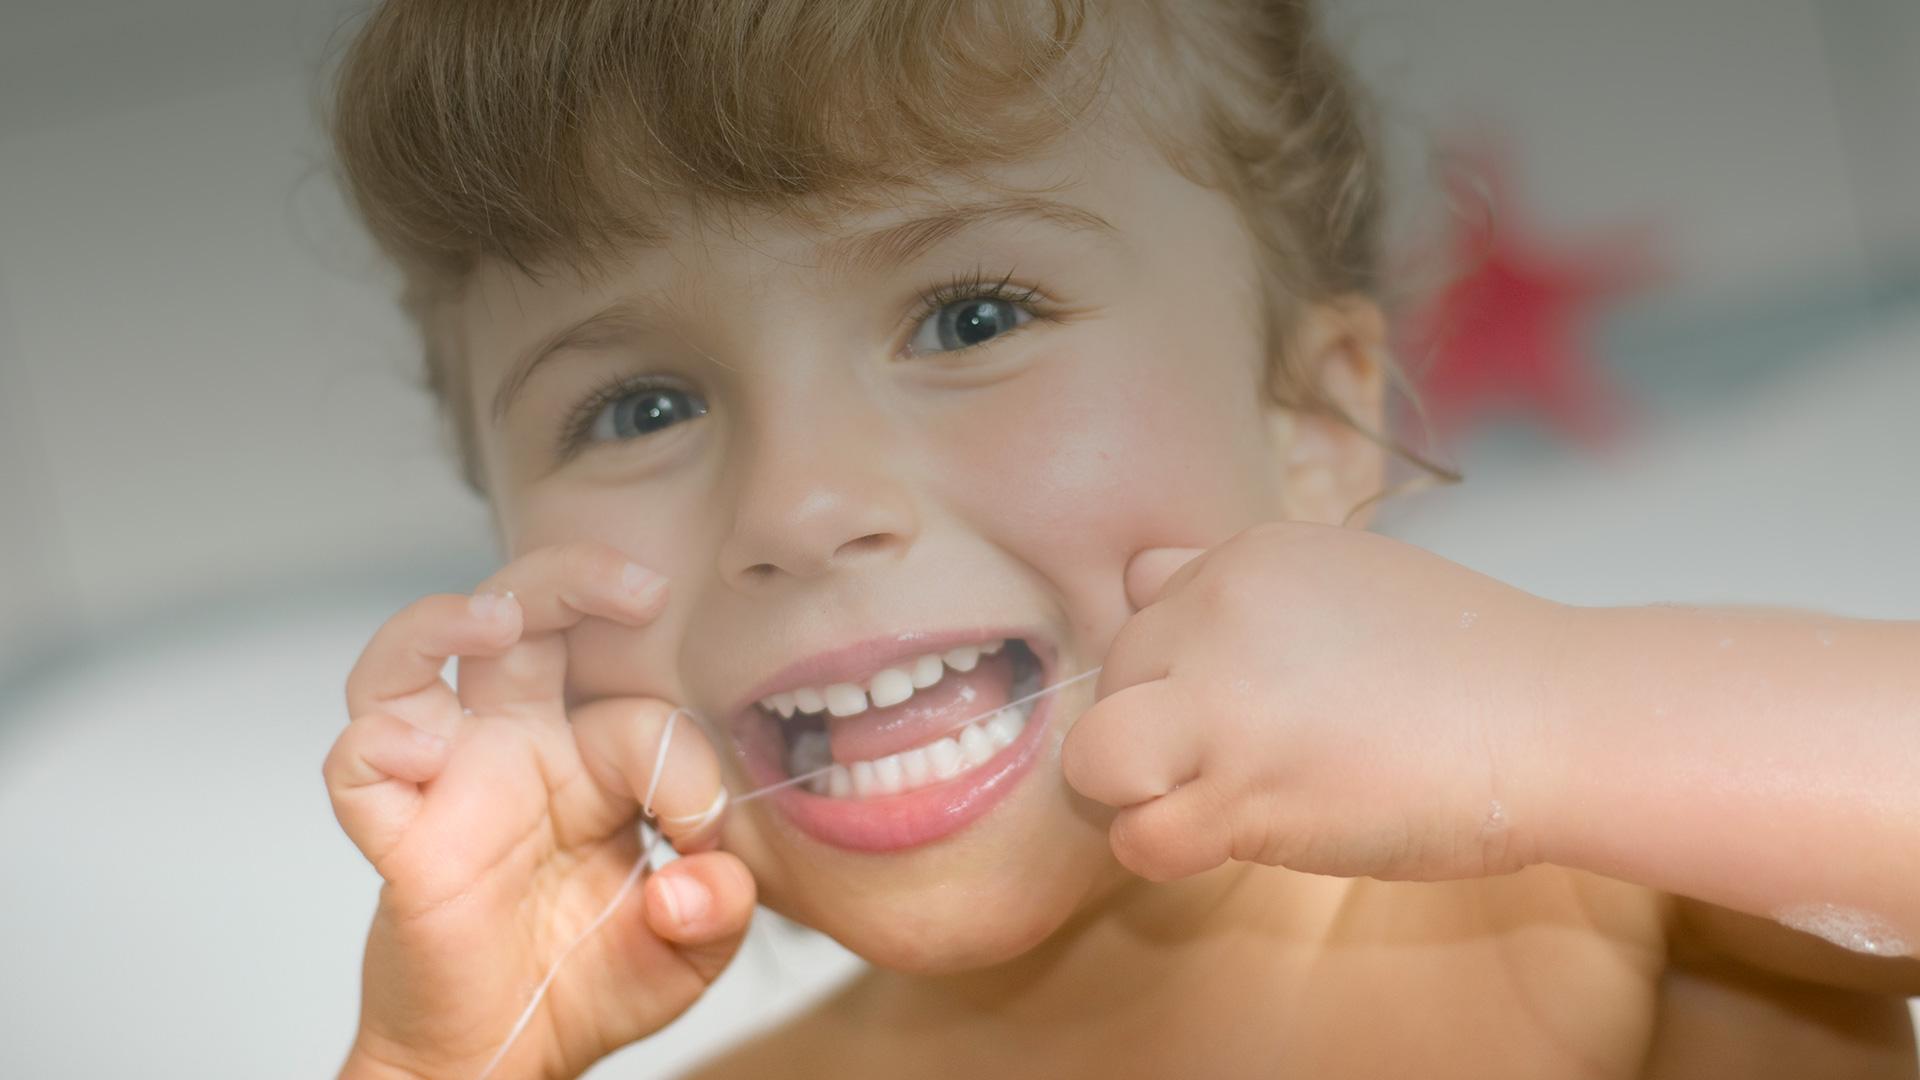 odontología infantil | odontopediatría